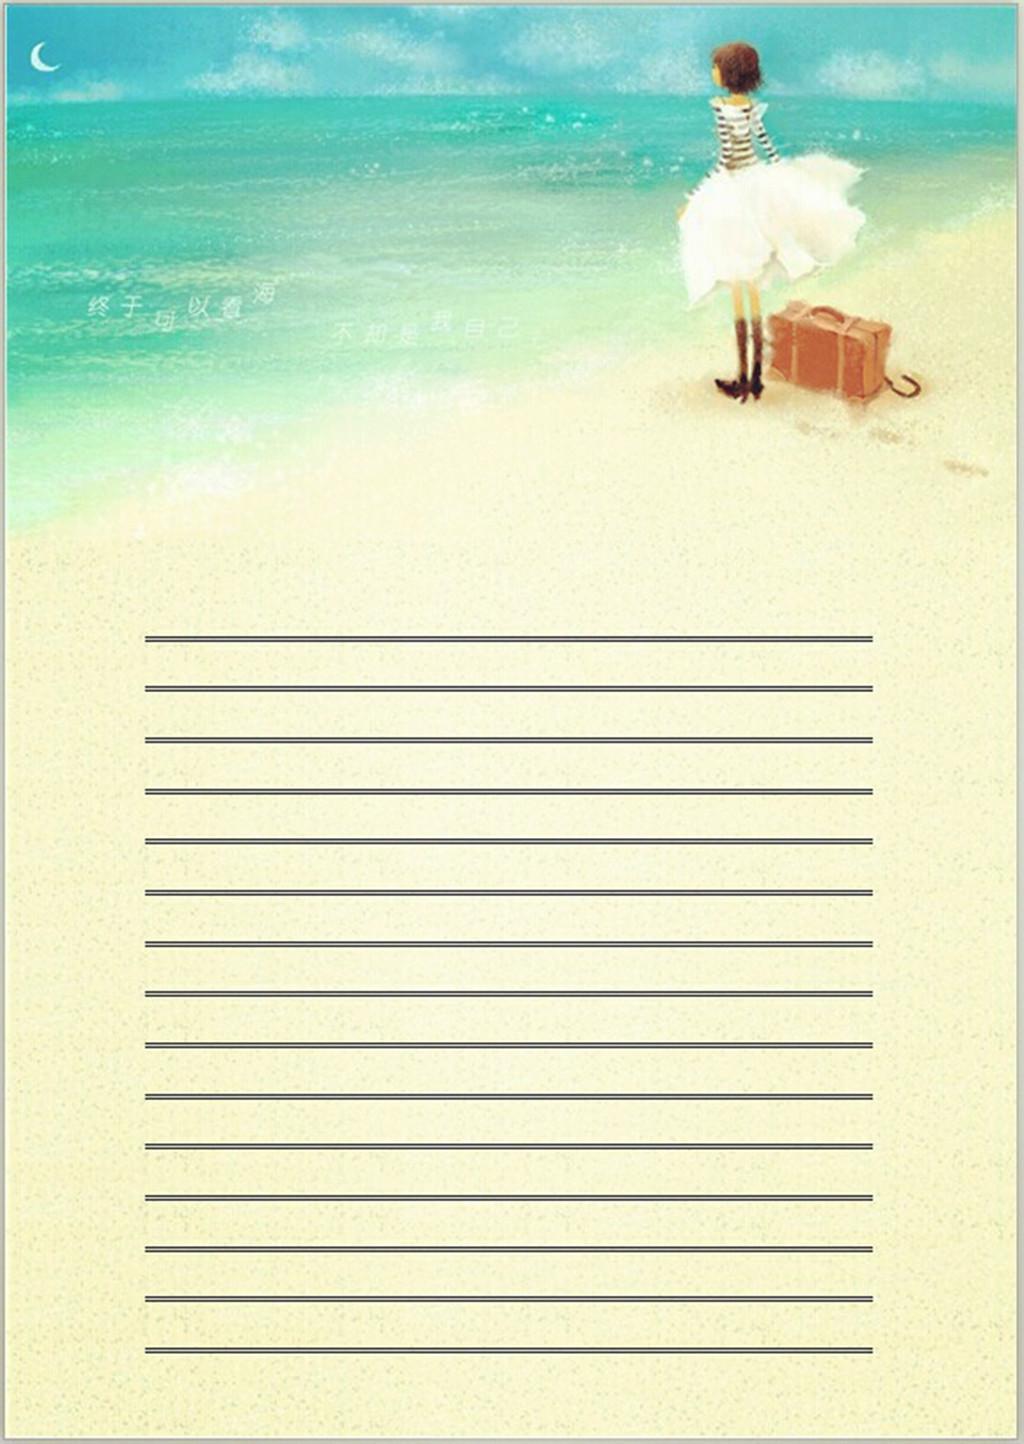 办公|ppt模板 word模板 信纸背景 > 清新唯美海滩背景信纸  下一张&